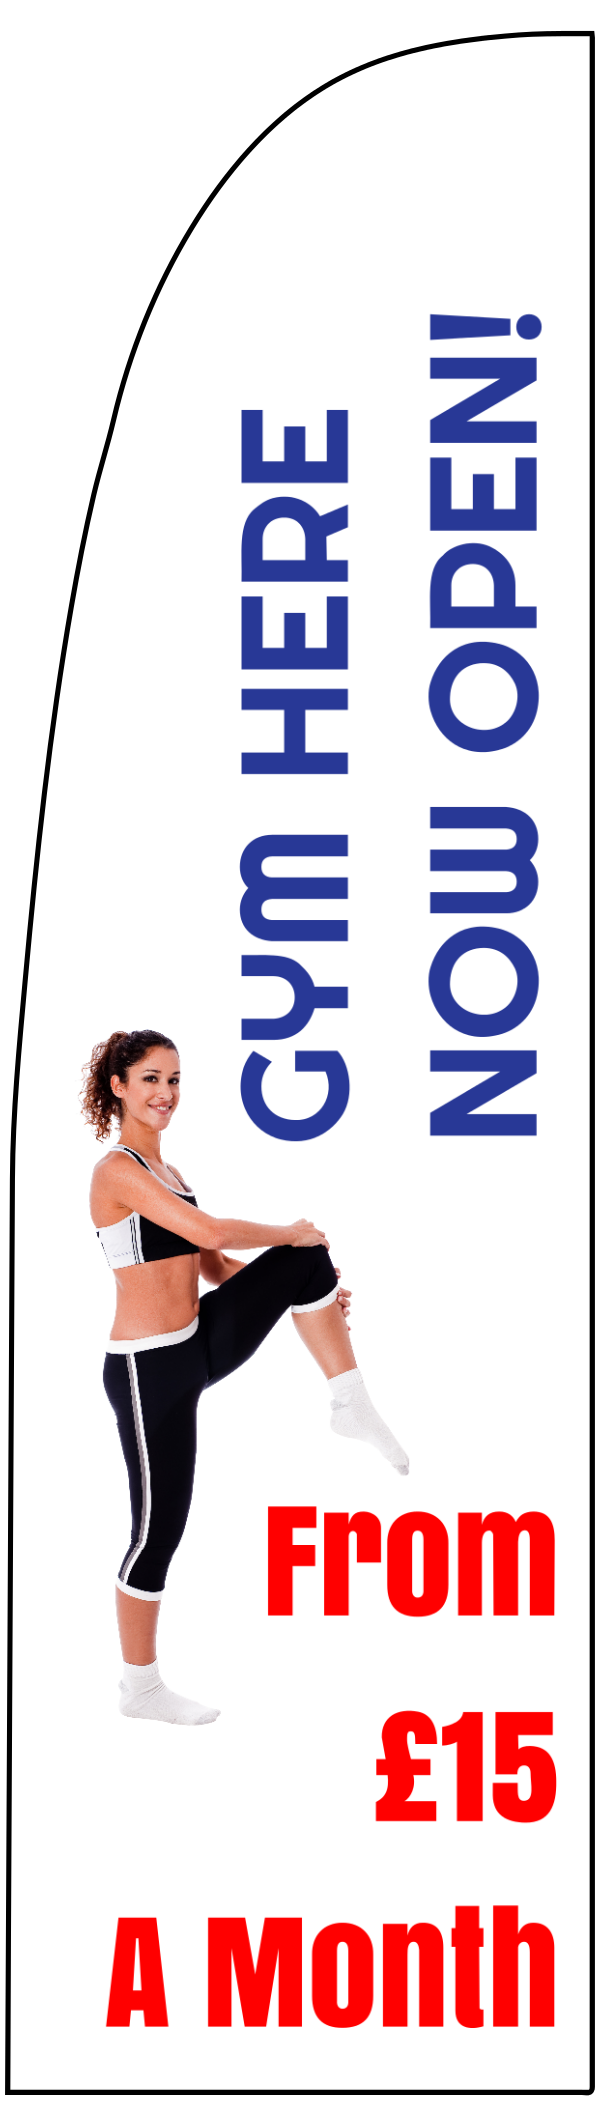 gym_flag - design template - 137